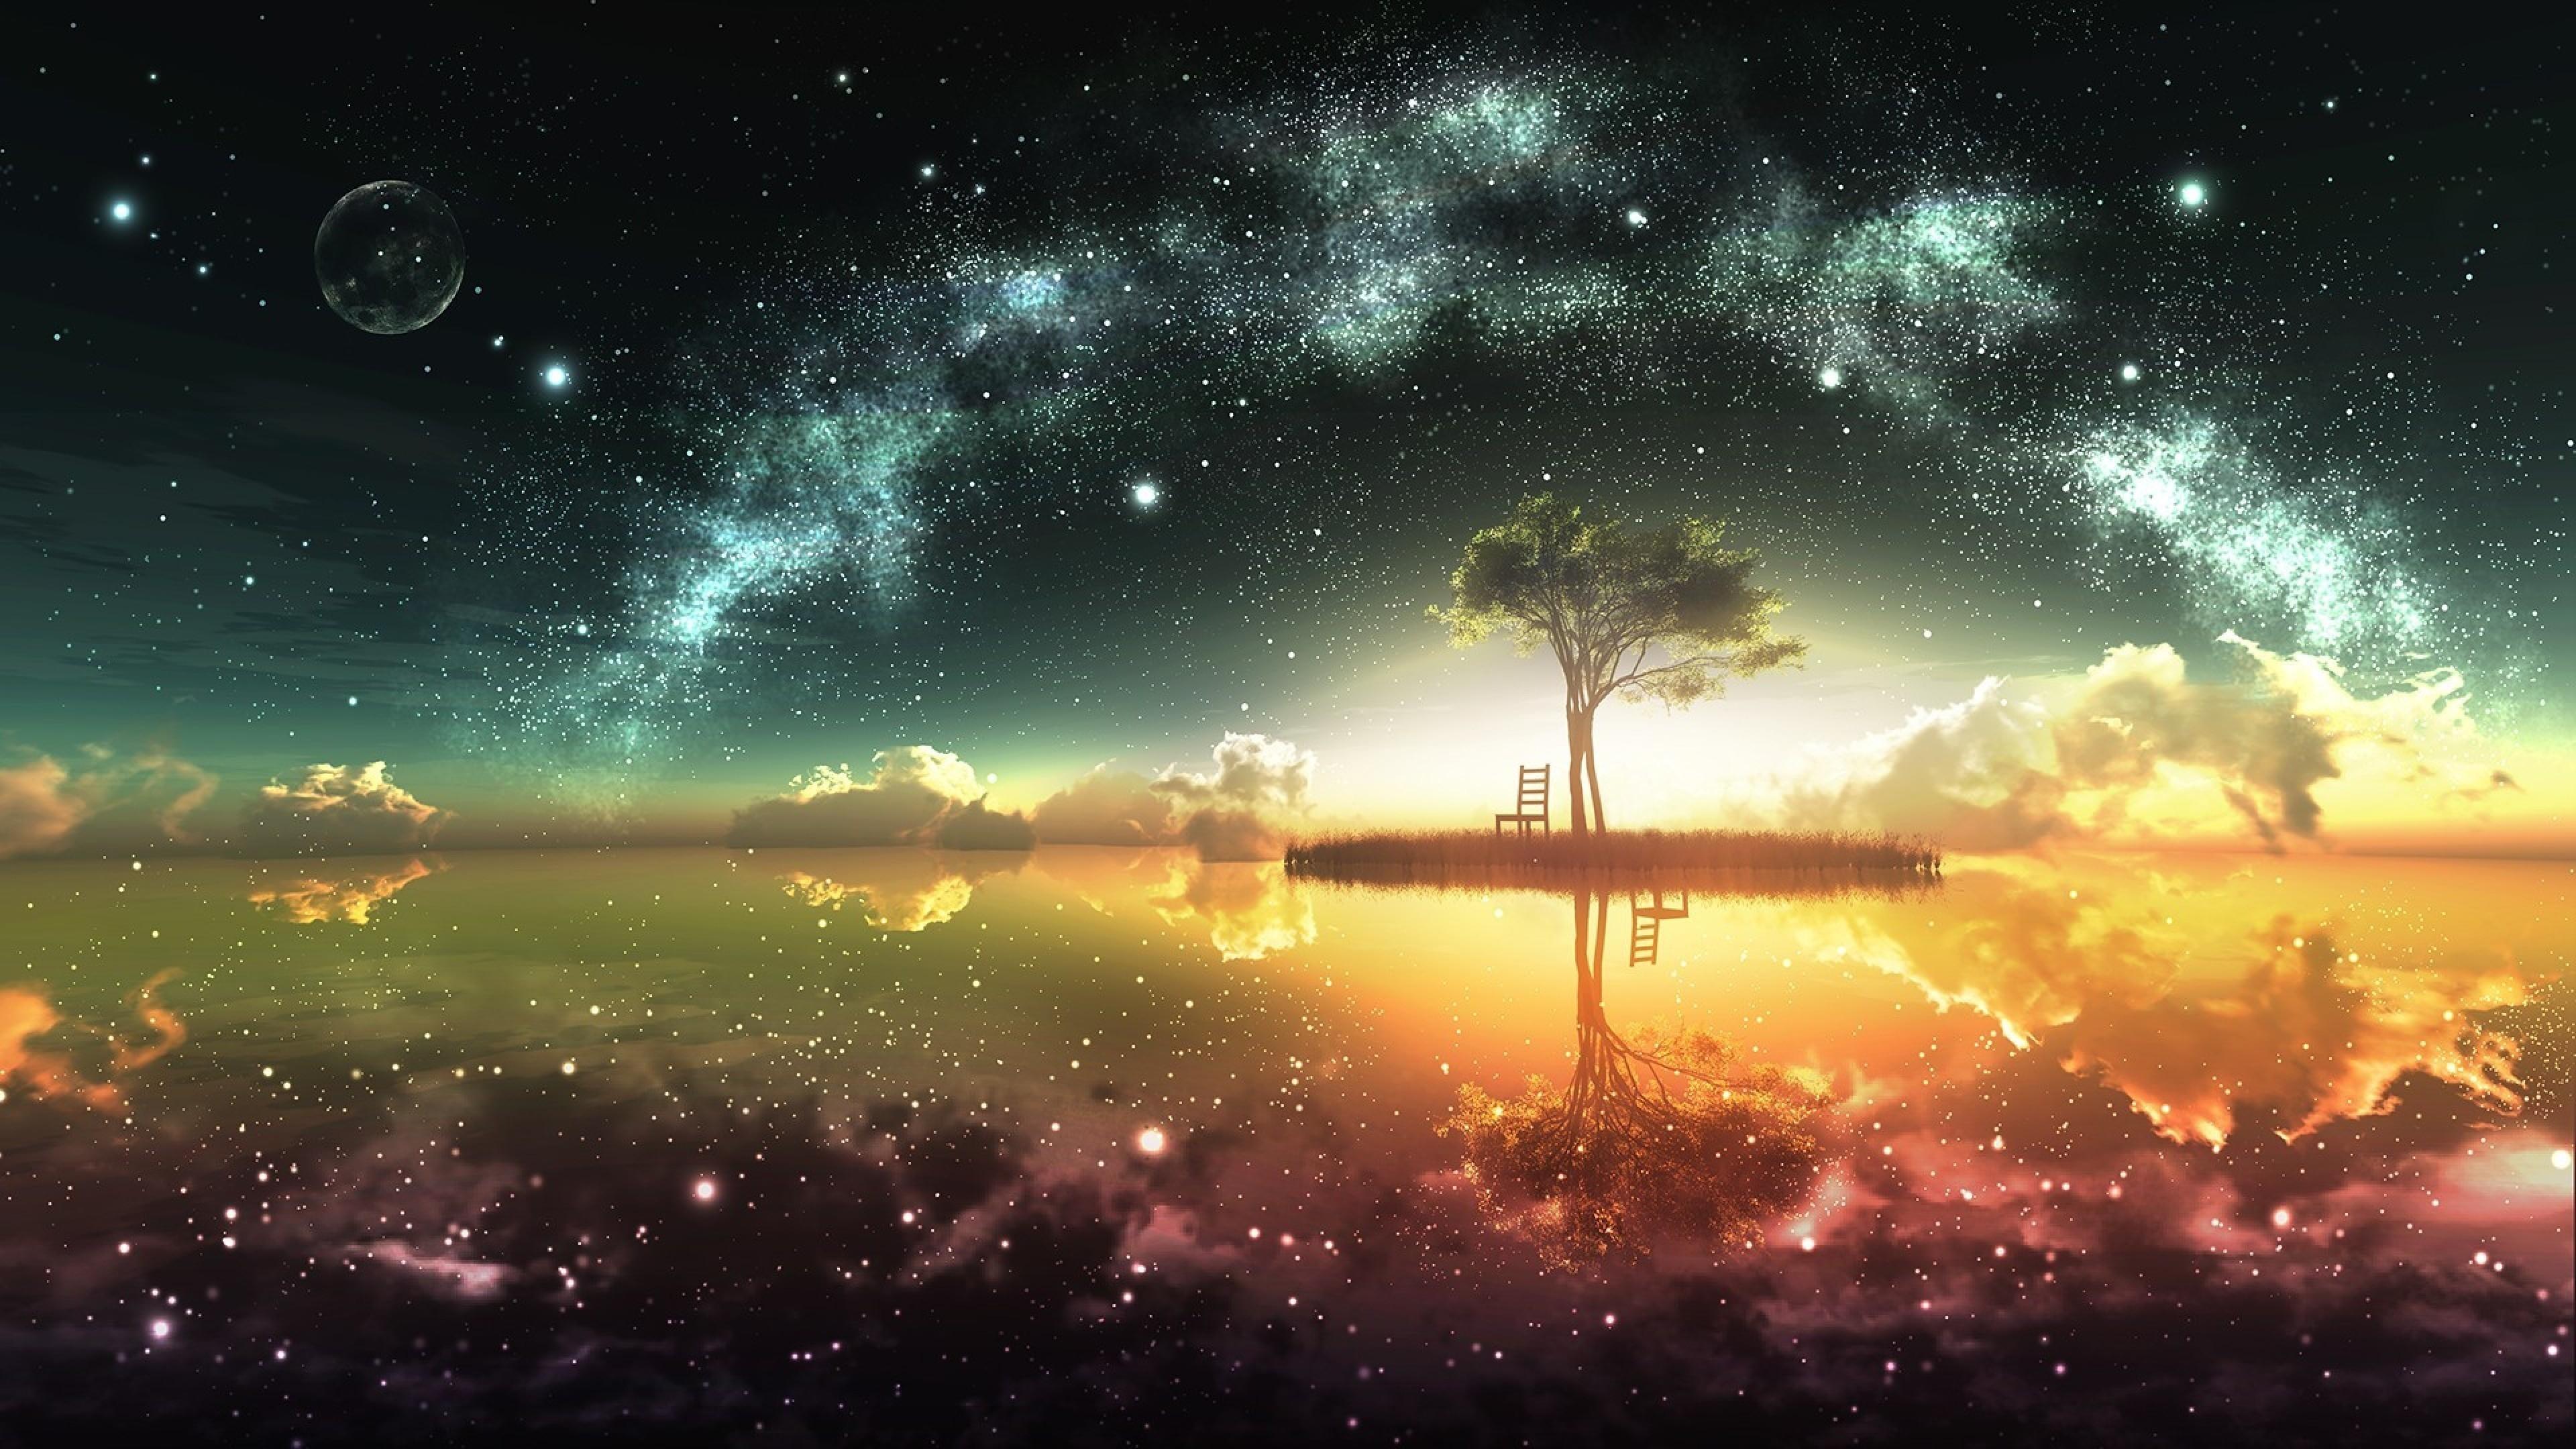 Sfondi Universo 72 Immagini